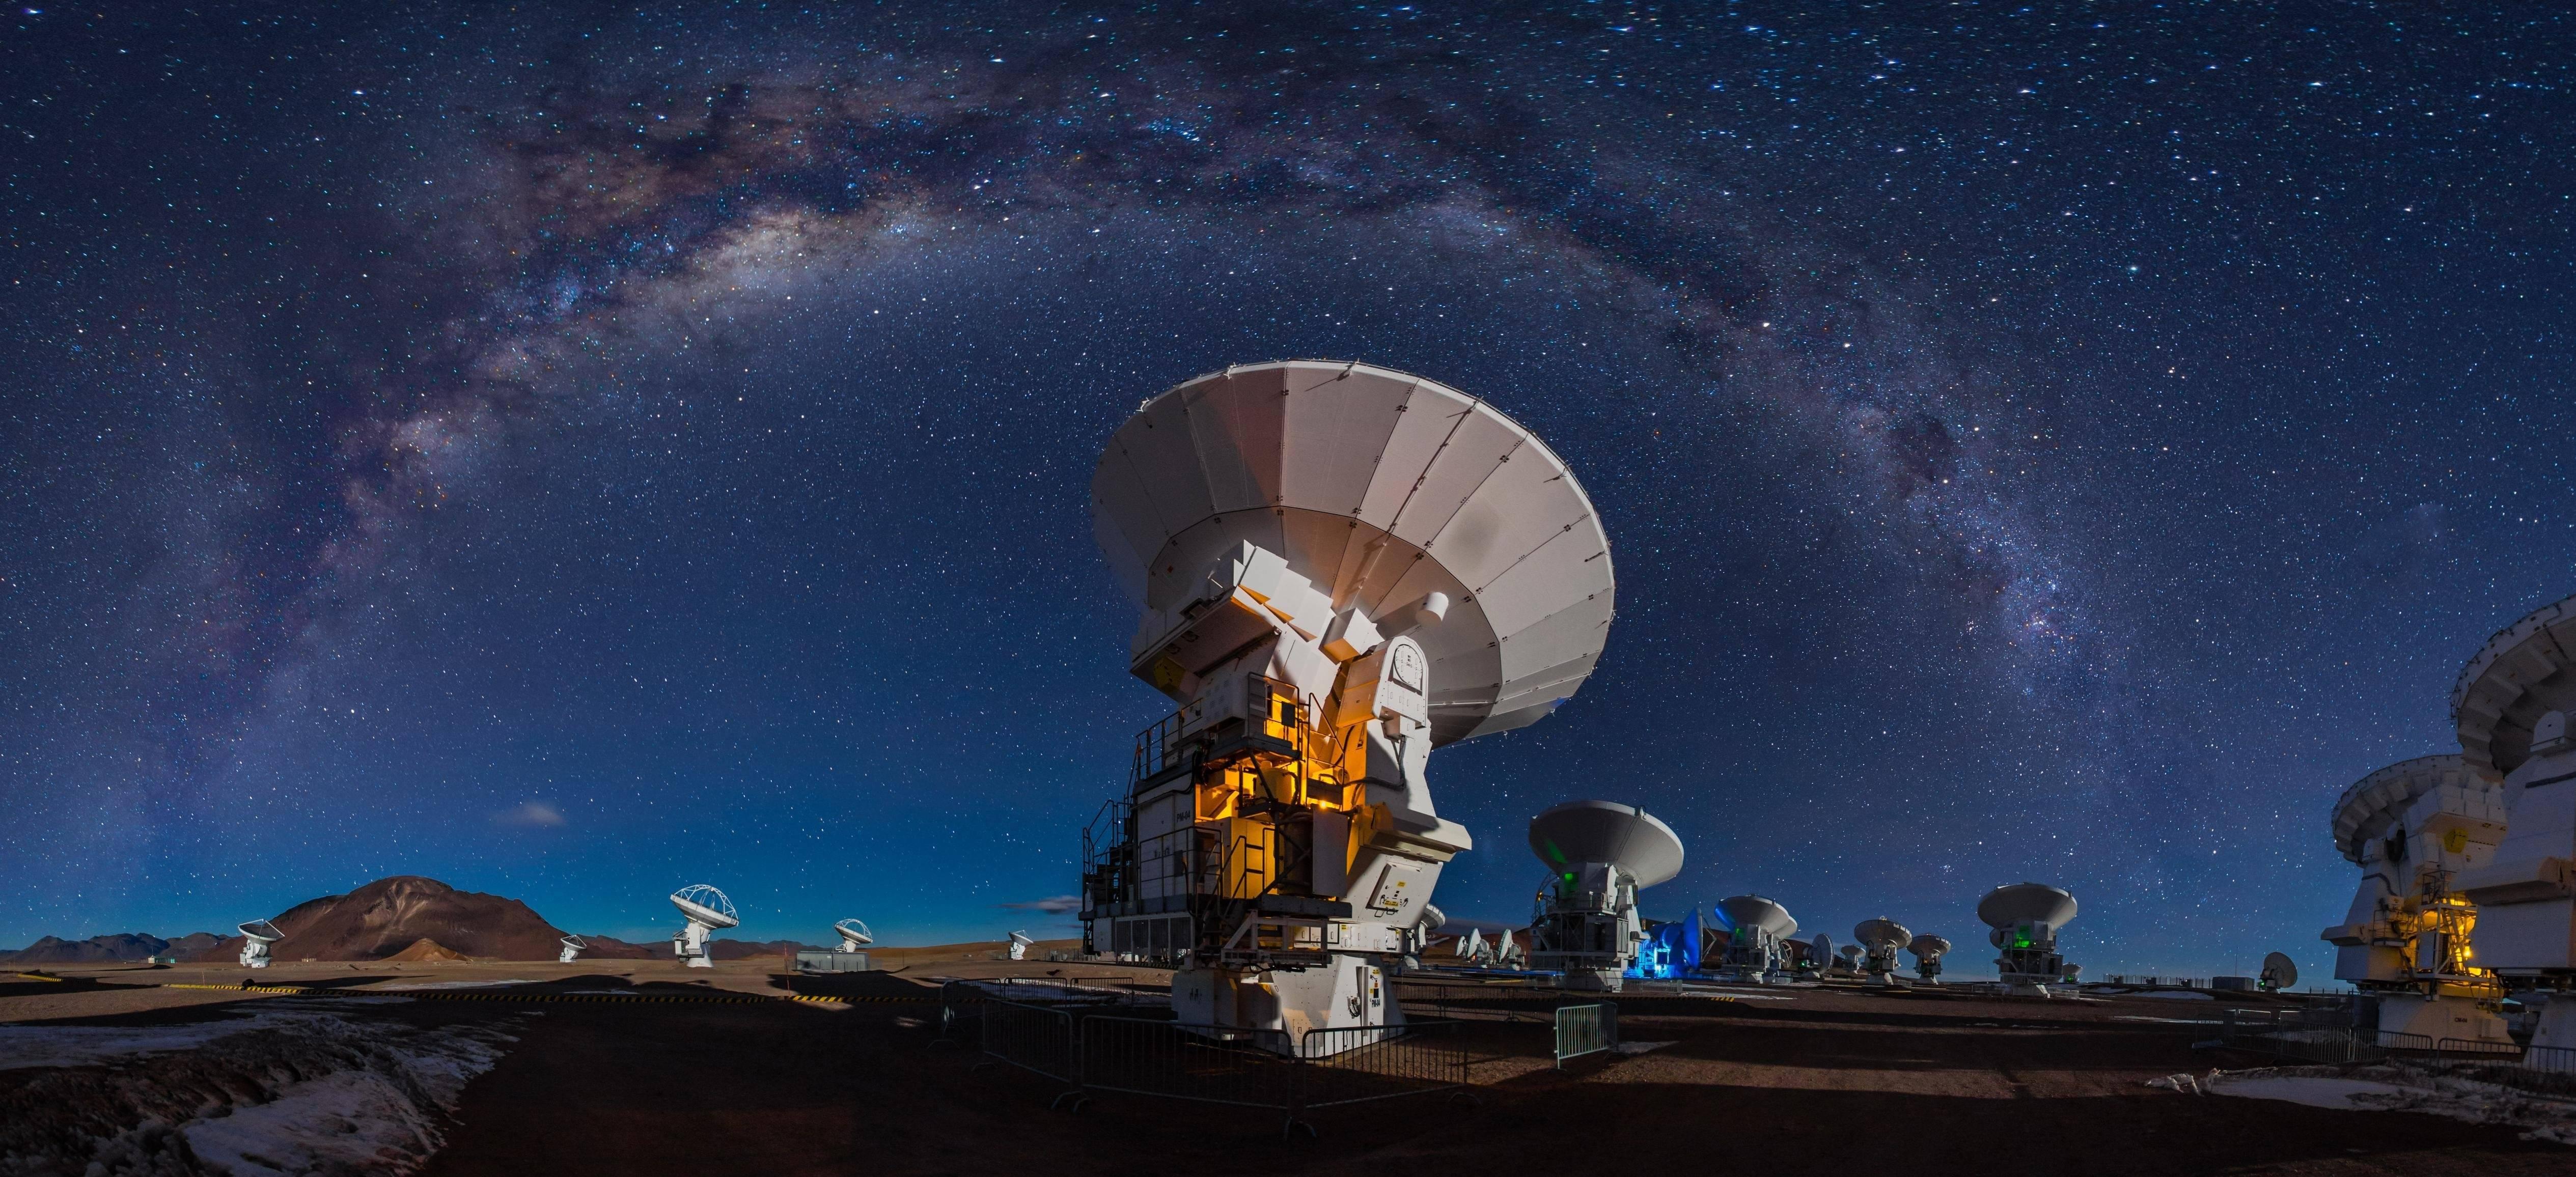 Espacio: Cómo la astronomía logró separarse de la astrología